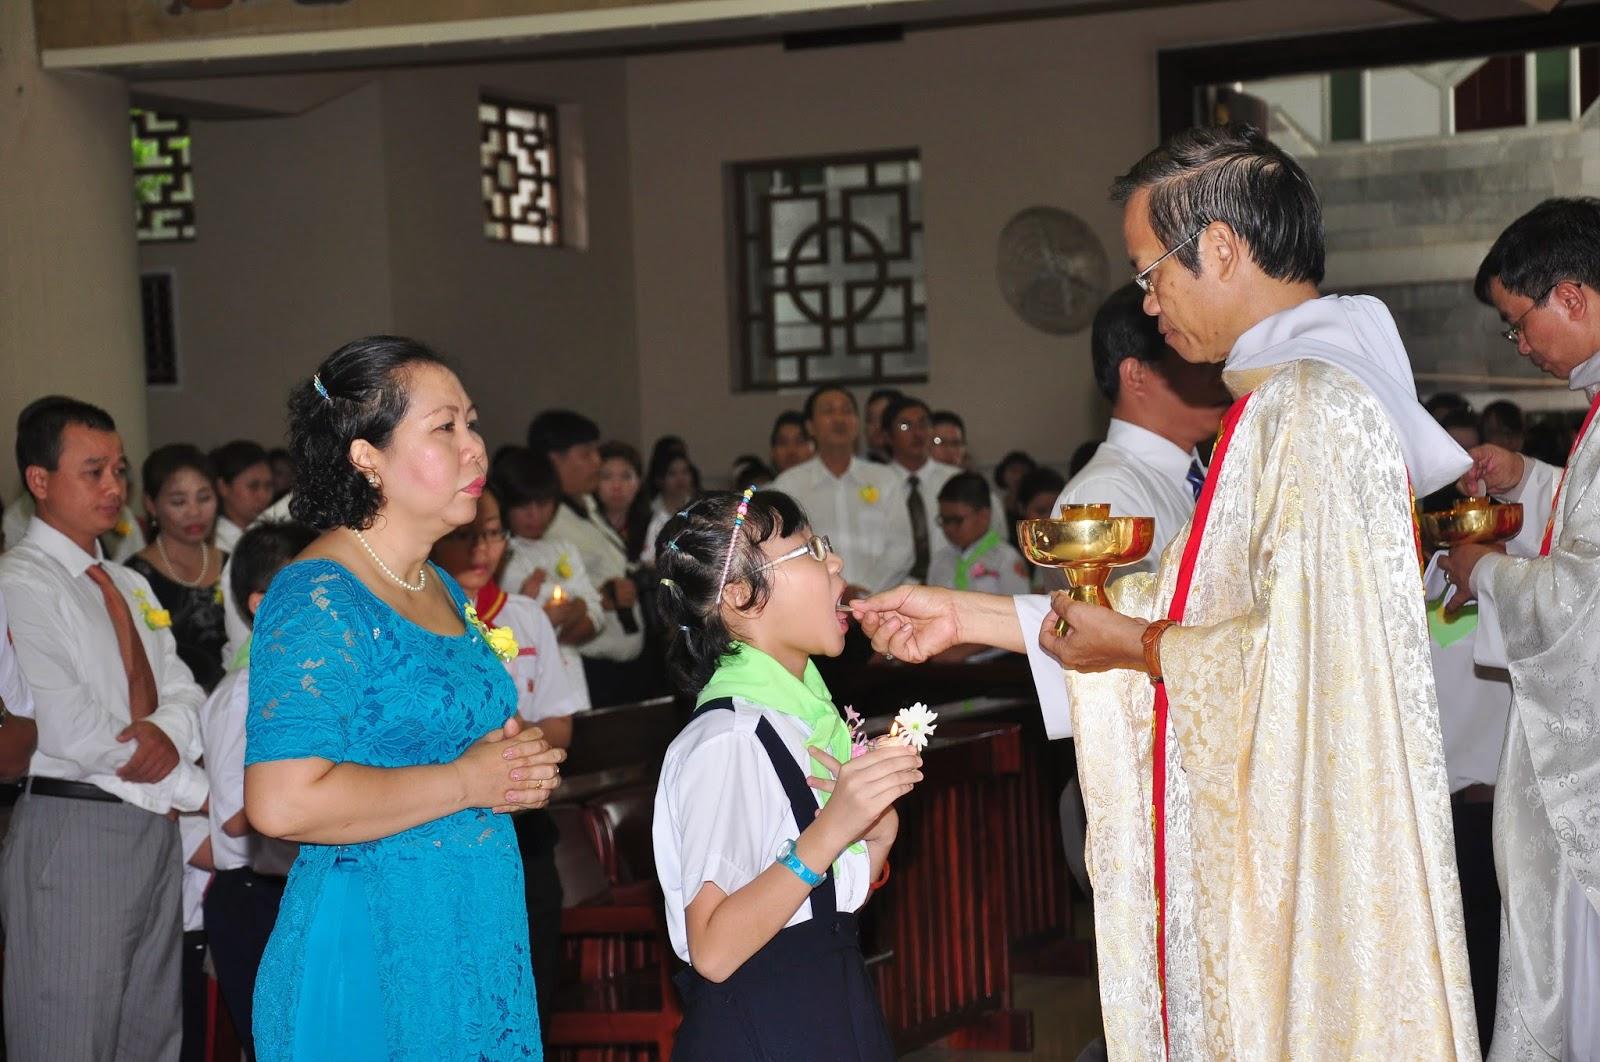 Gx. Đa Minh: Chương trình Phụng vụ tháng 6 và 7/2016